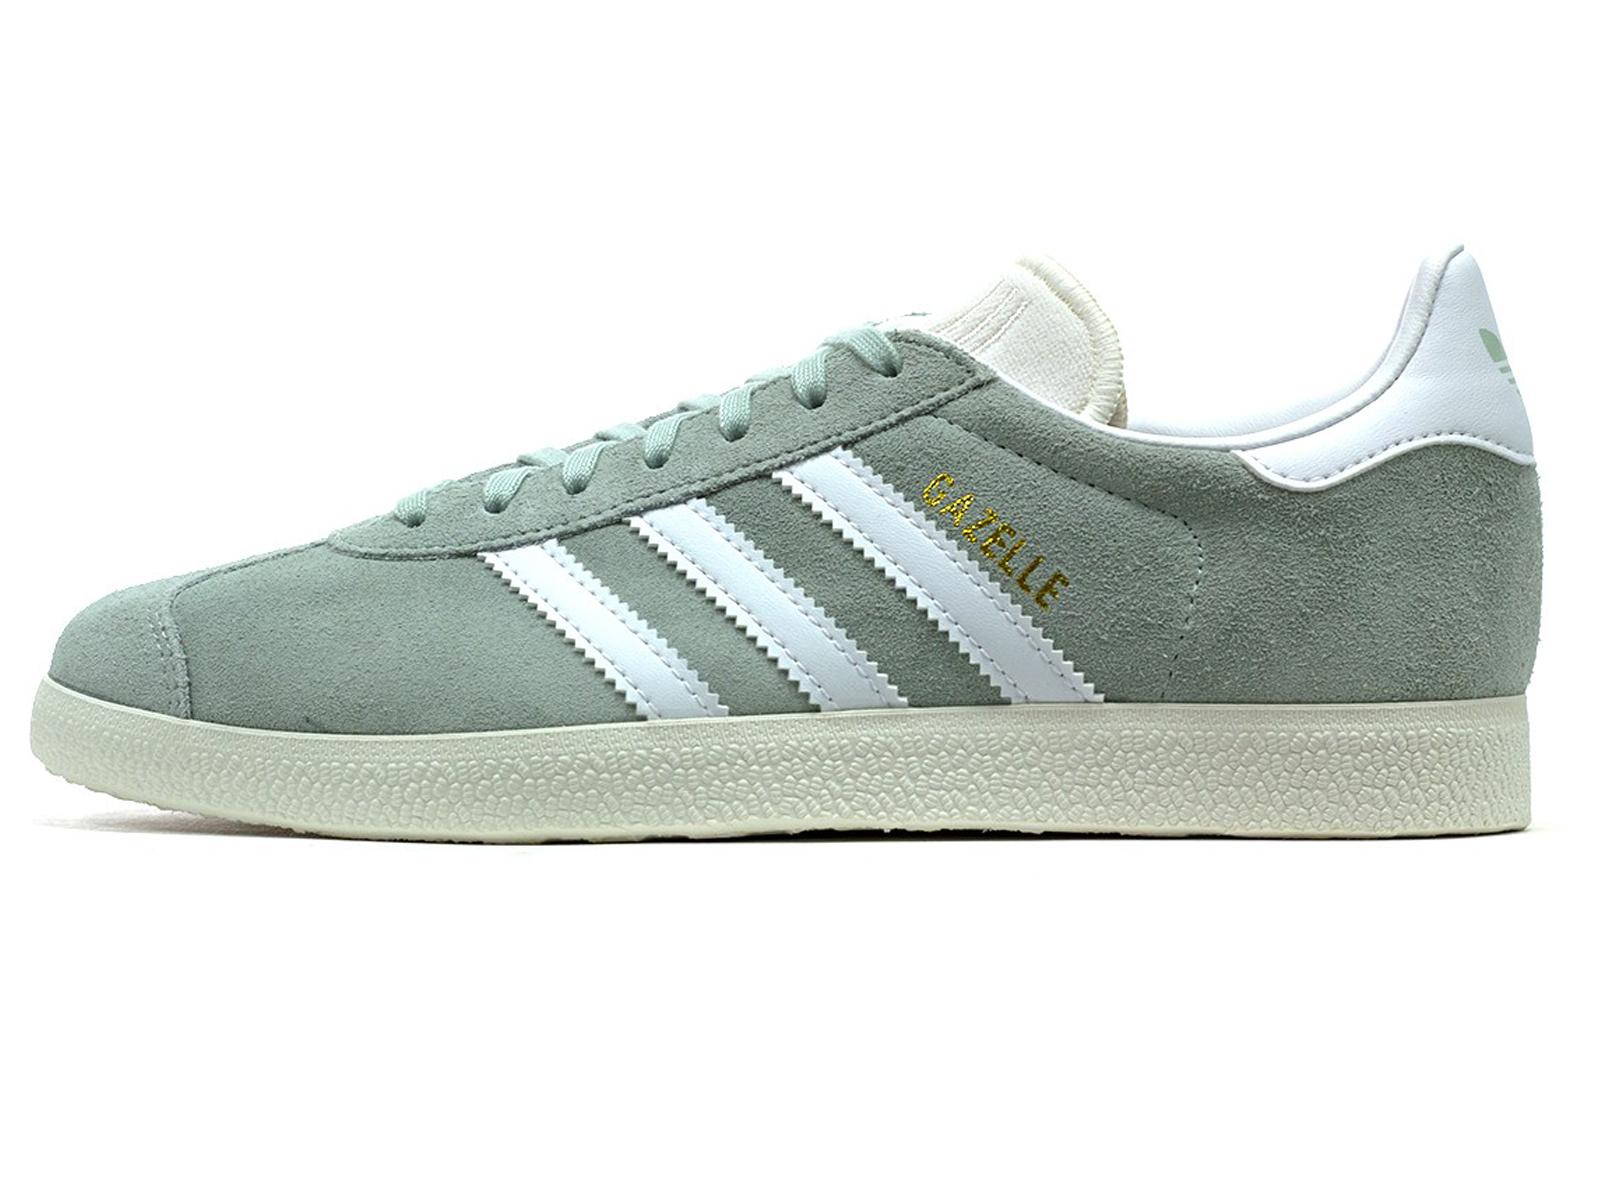 Γυναικεία Παπούτσια Adidas | Gazelle DB3295 | Womens Shoes Φυστικι